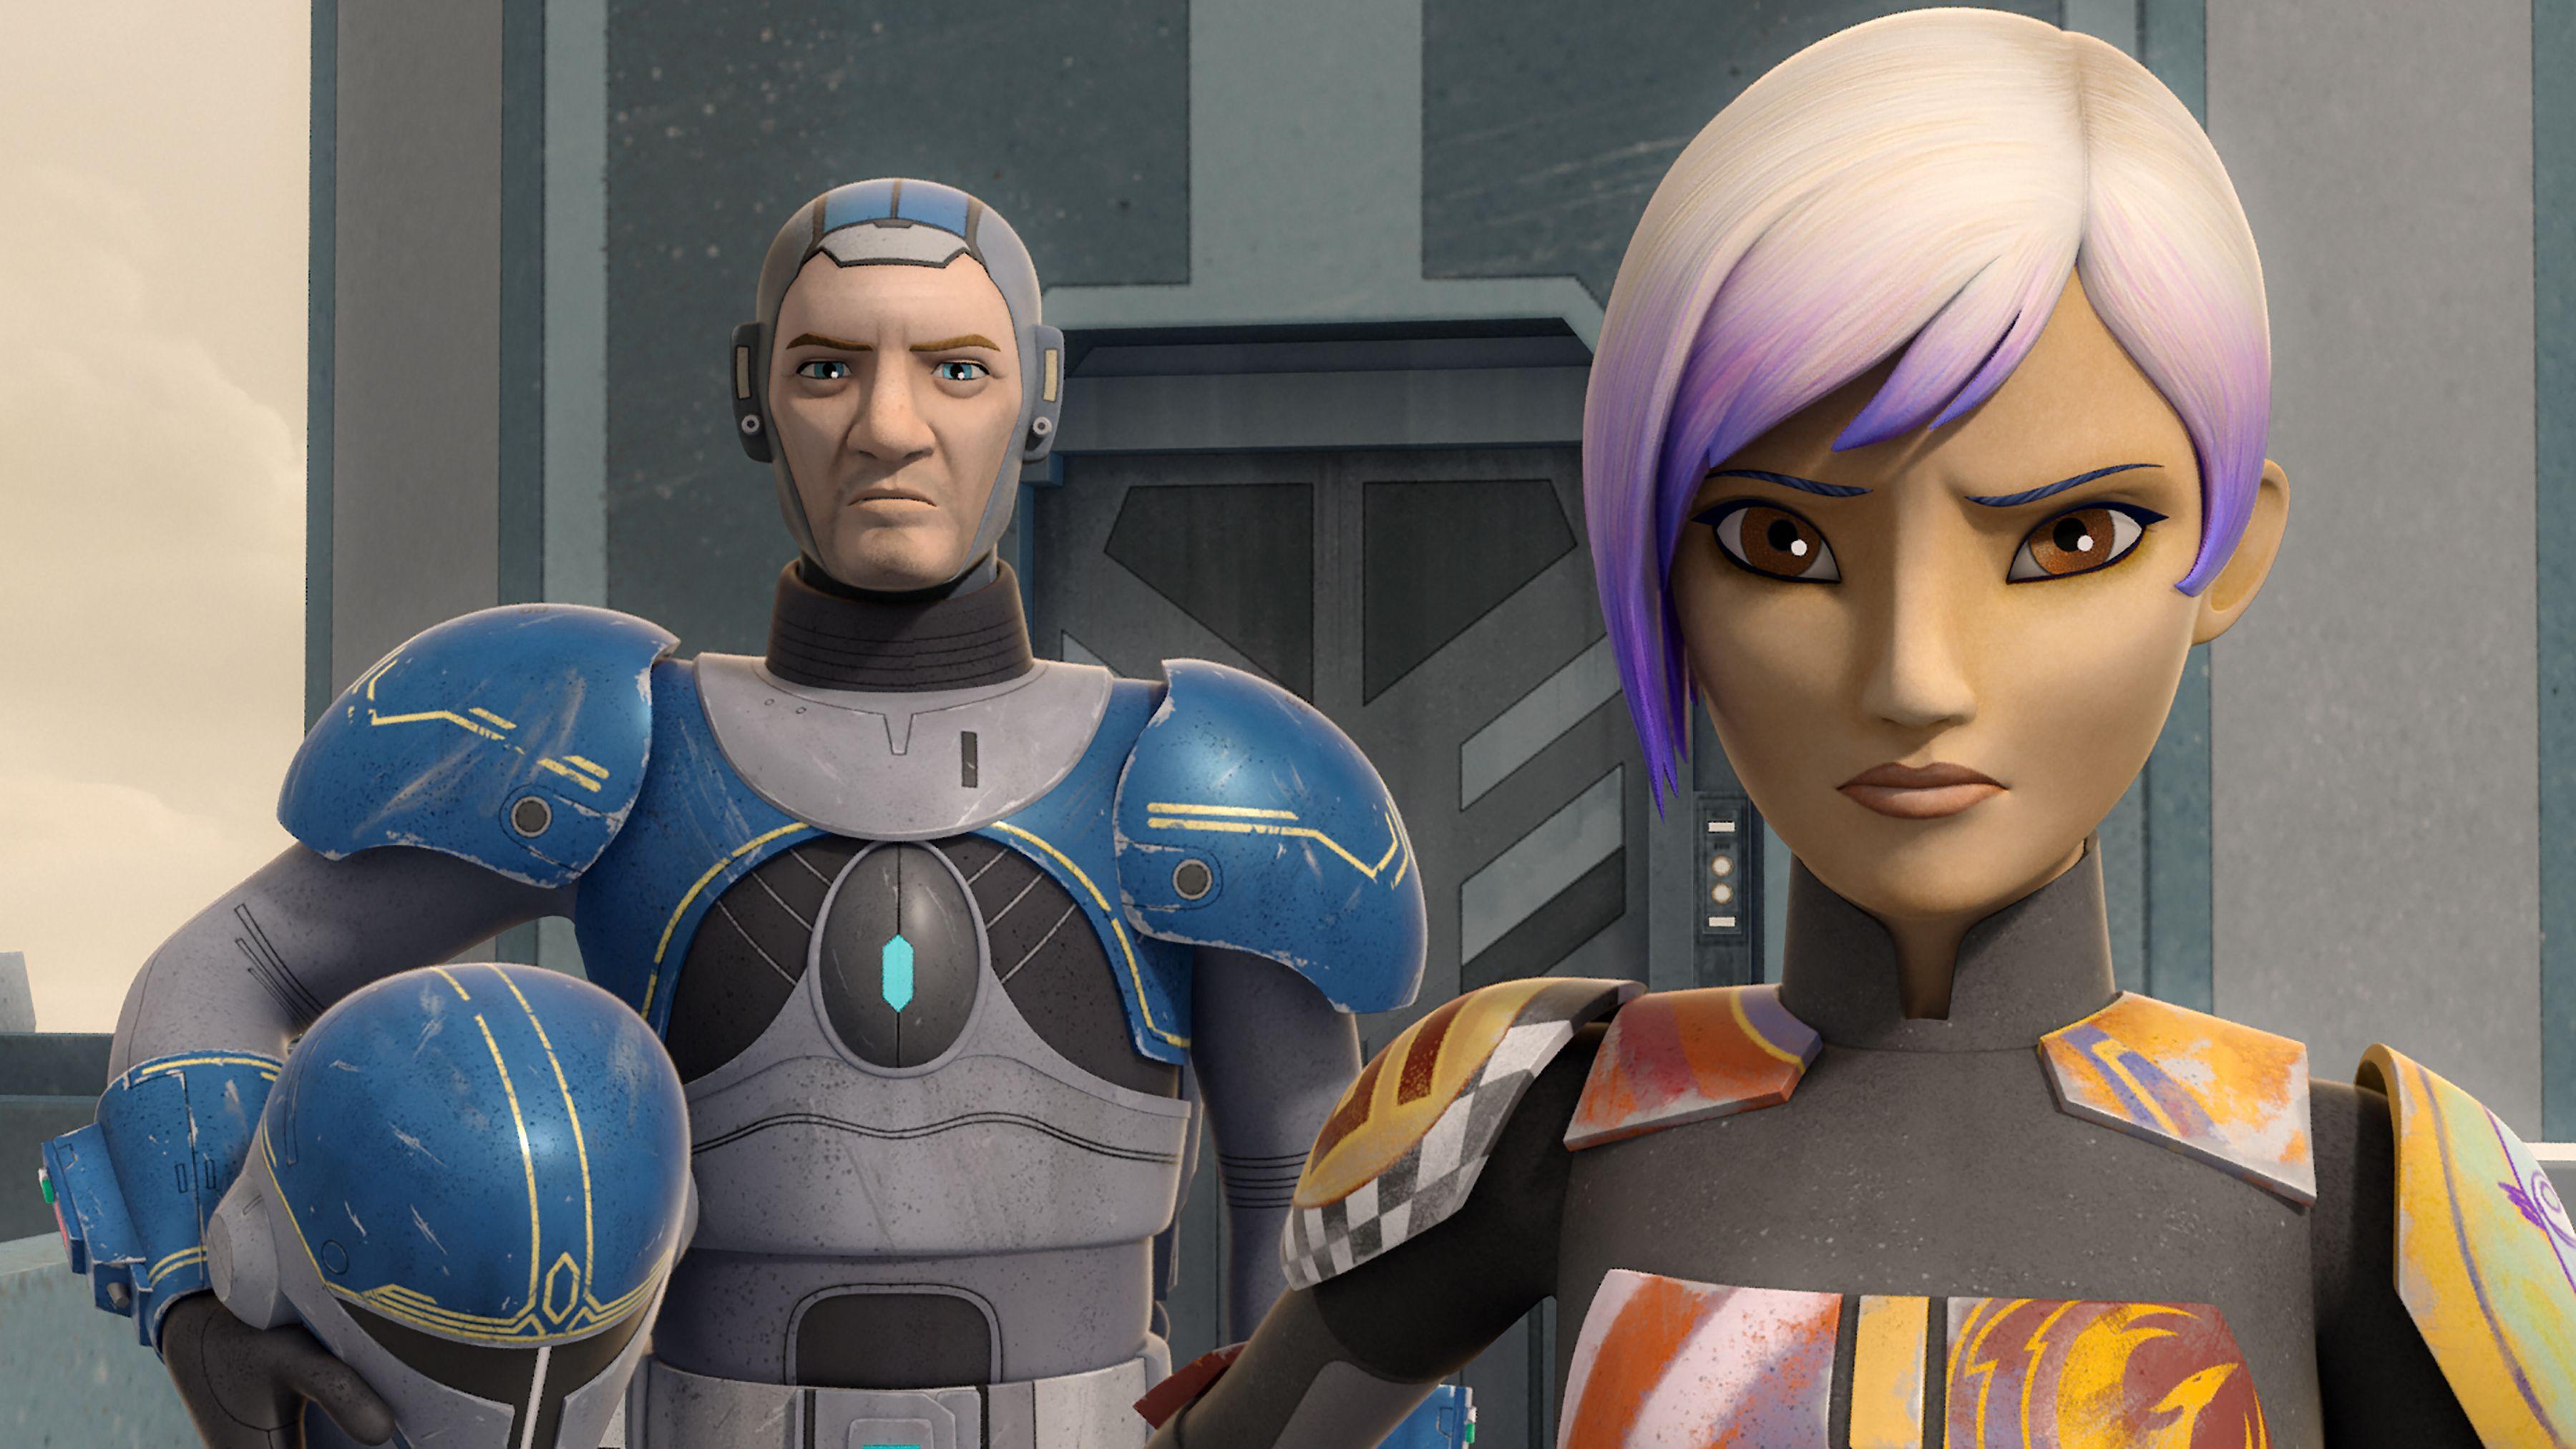 Star Wars Rebels Season 4 Premiere Images Reveal Heroes of ...